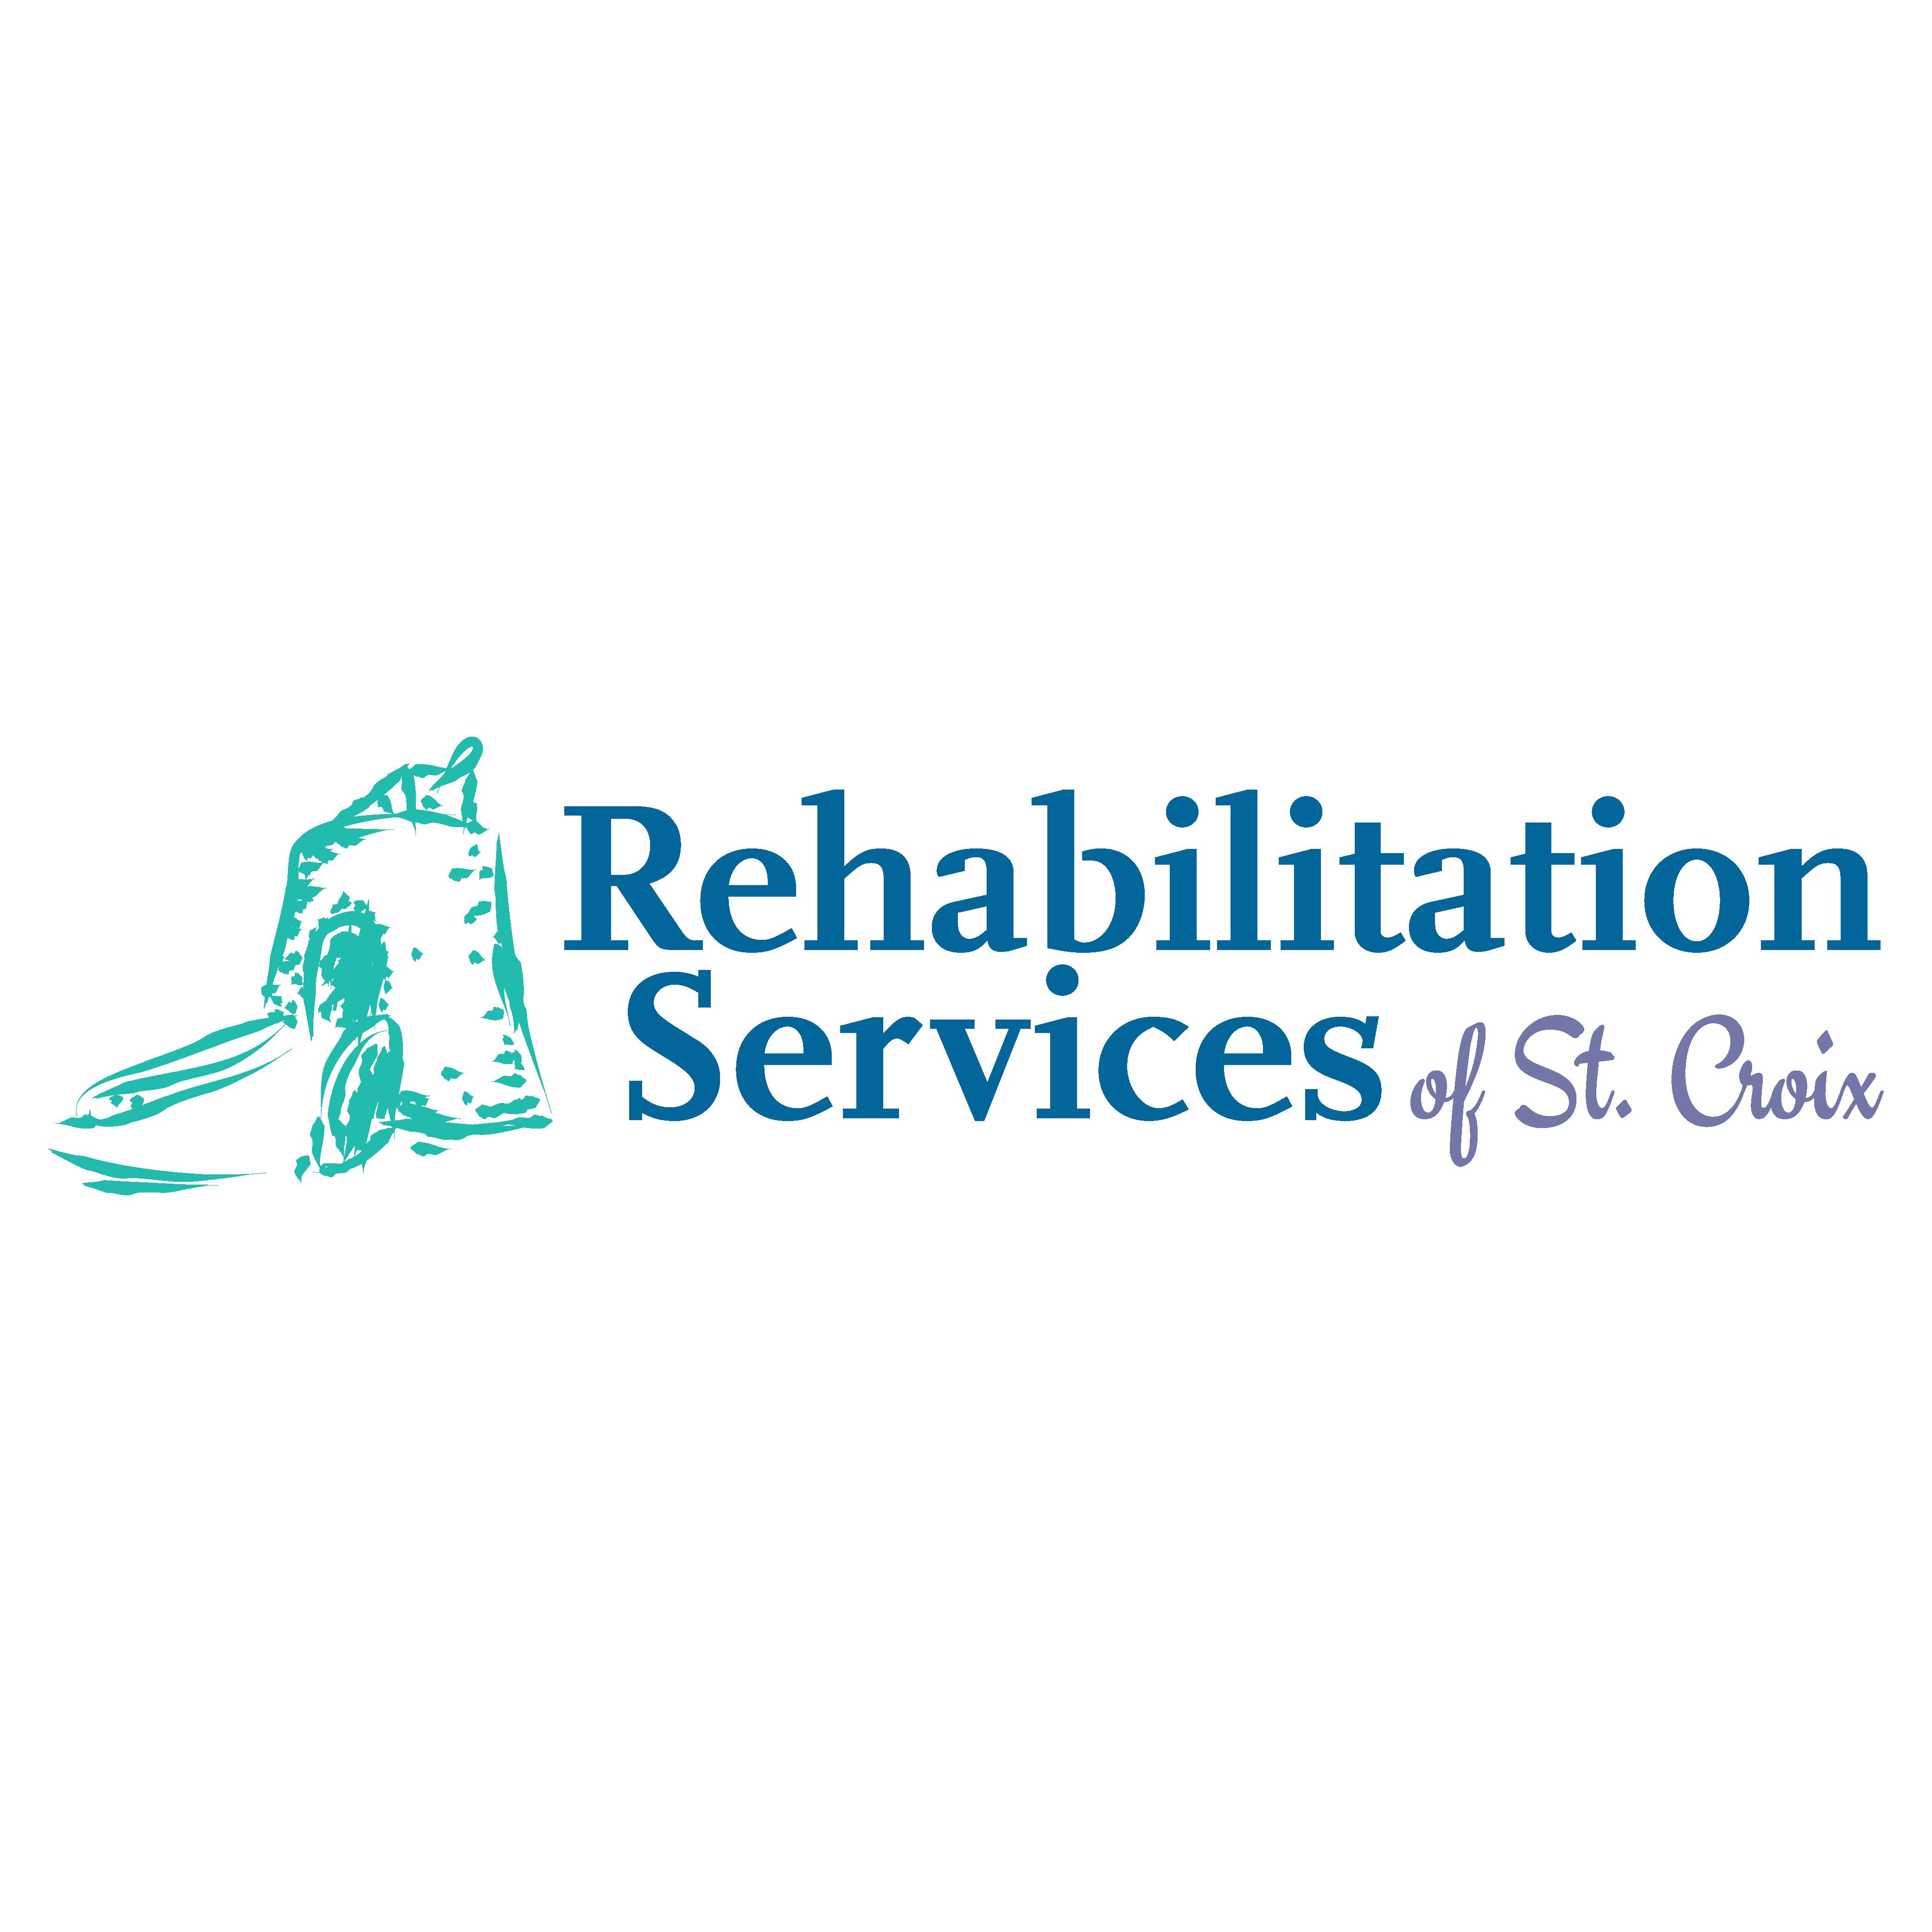 Rehabilitation Services of St. Croix Logo